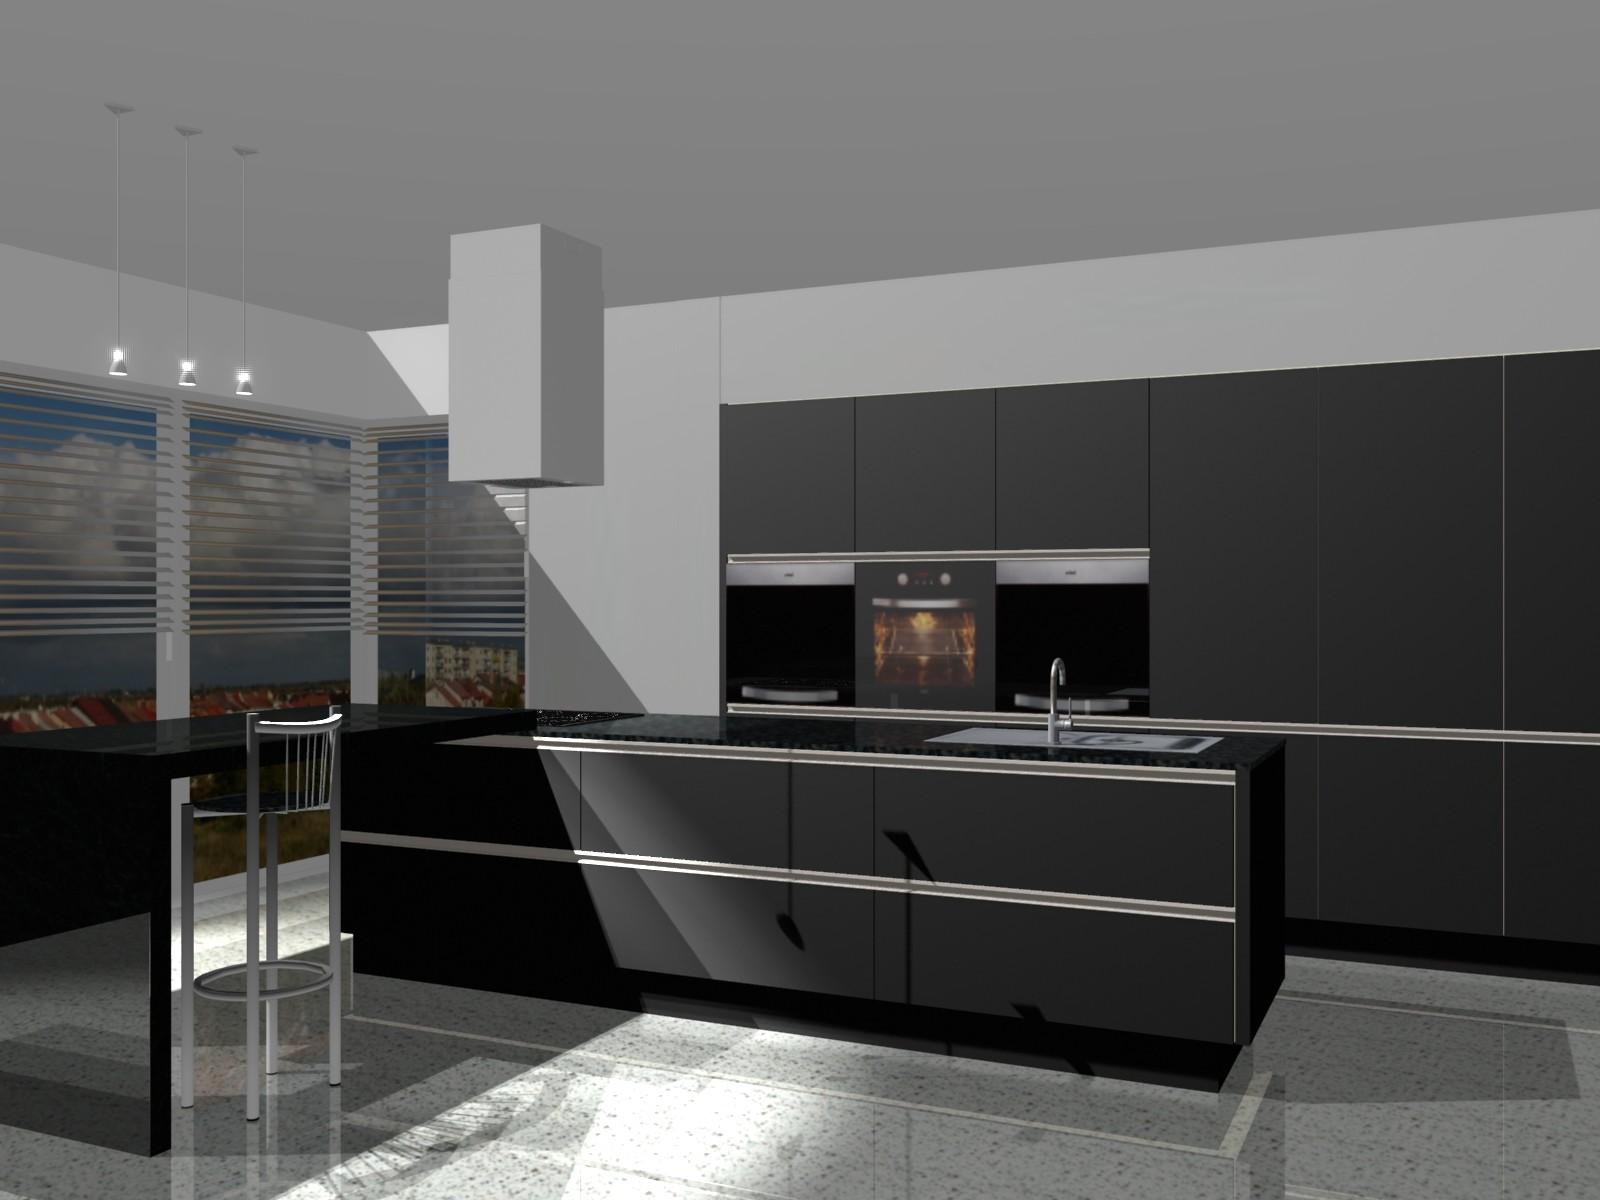 Projekty kuchni otwartej Nowoczesna kuchnia